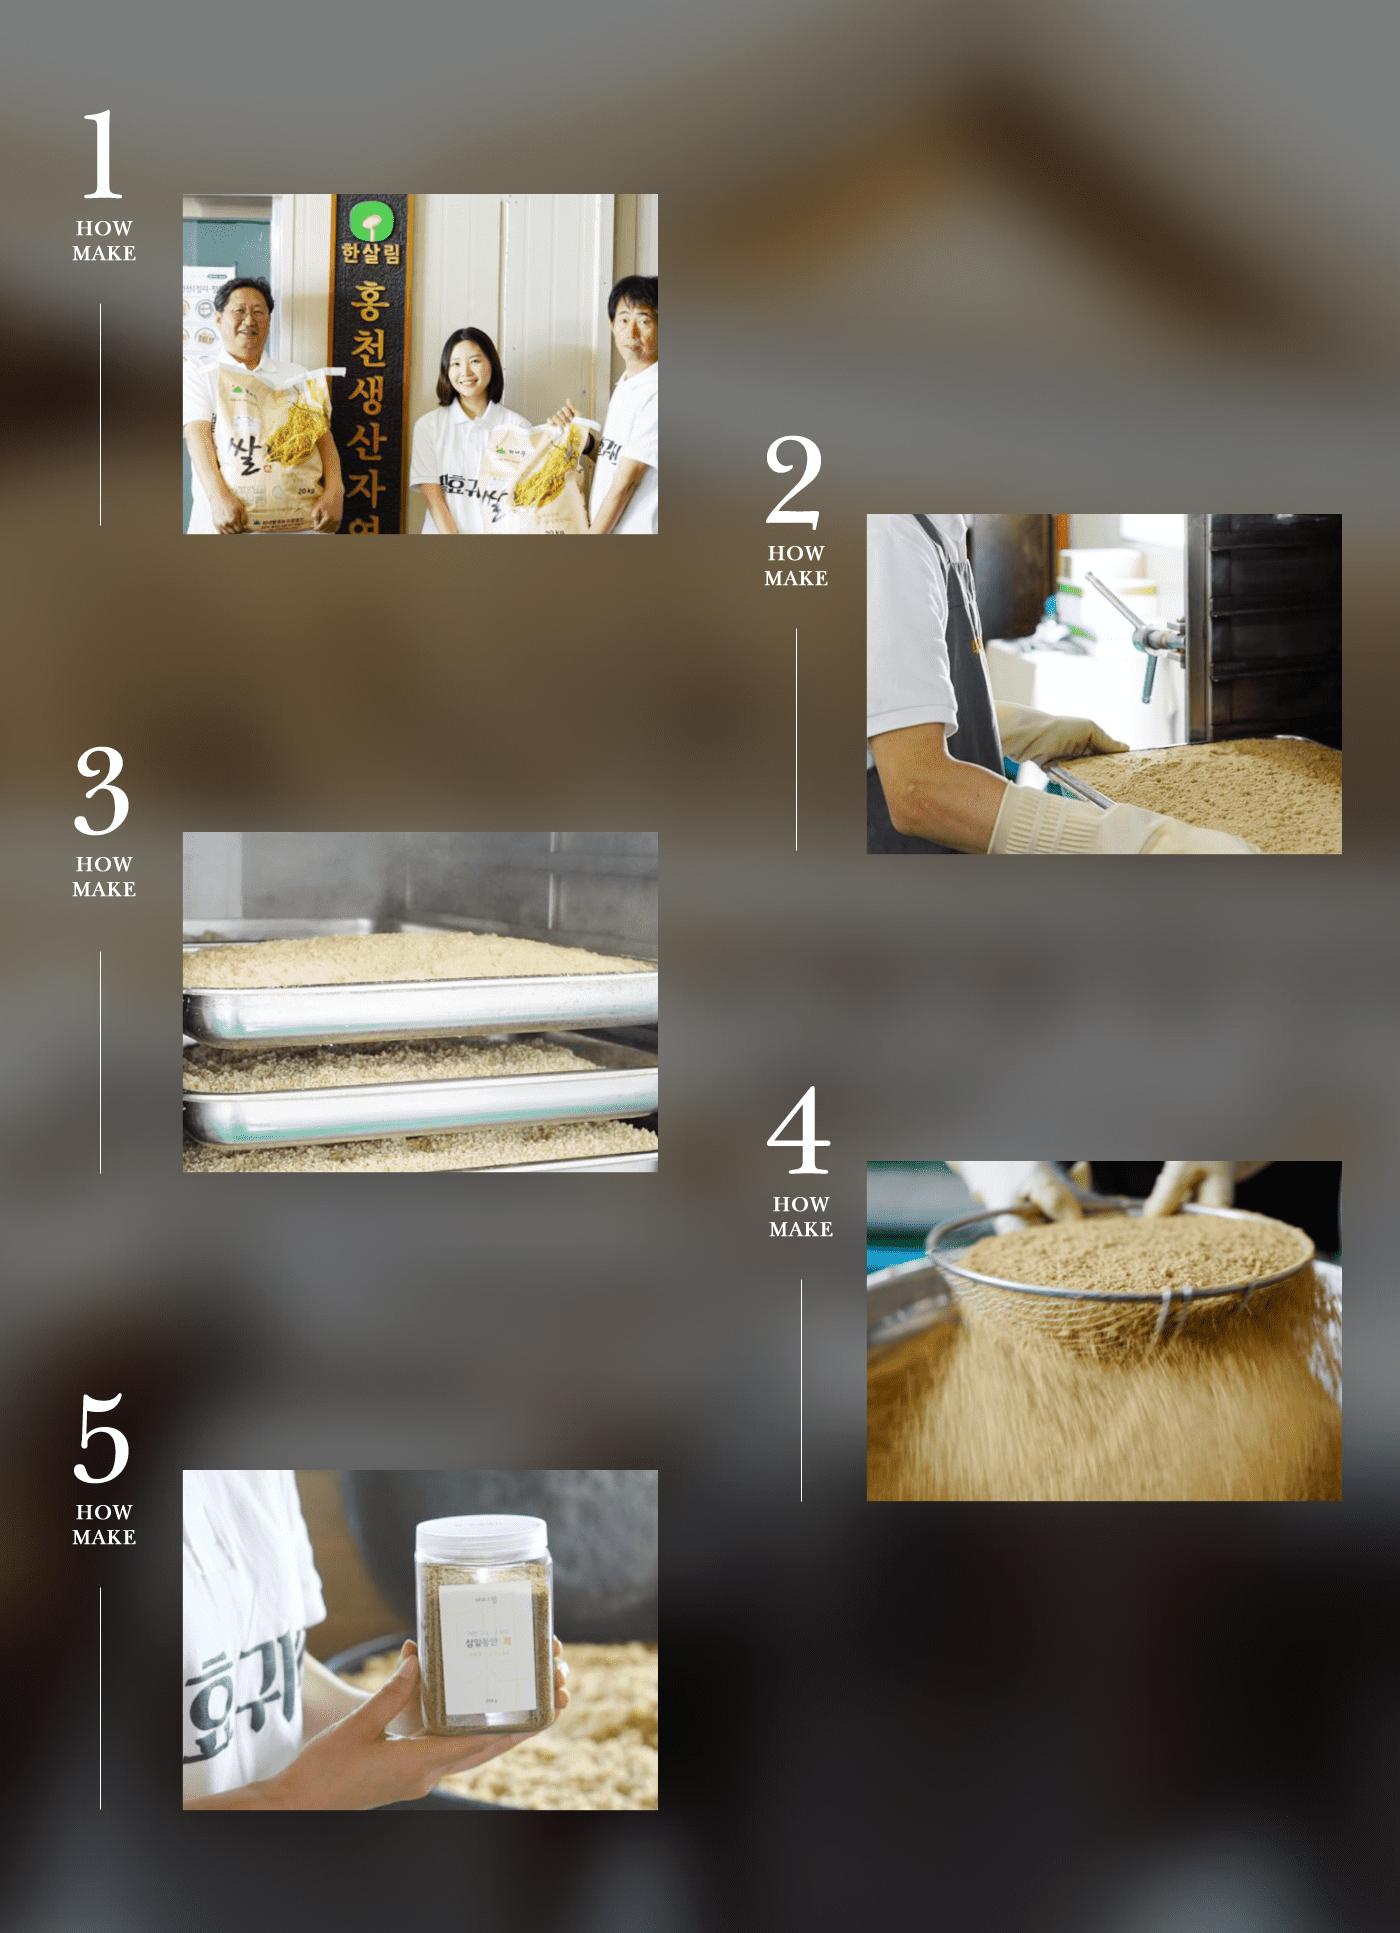 삼일동안 쾌(快) / 식이섬유 영양만점 쌀눈/쌀겨 '미강'으로 만든 발효 효소 가루 - 왜 만들었는가